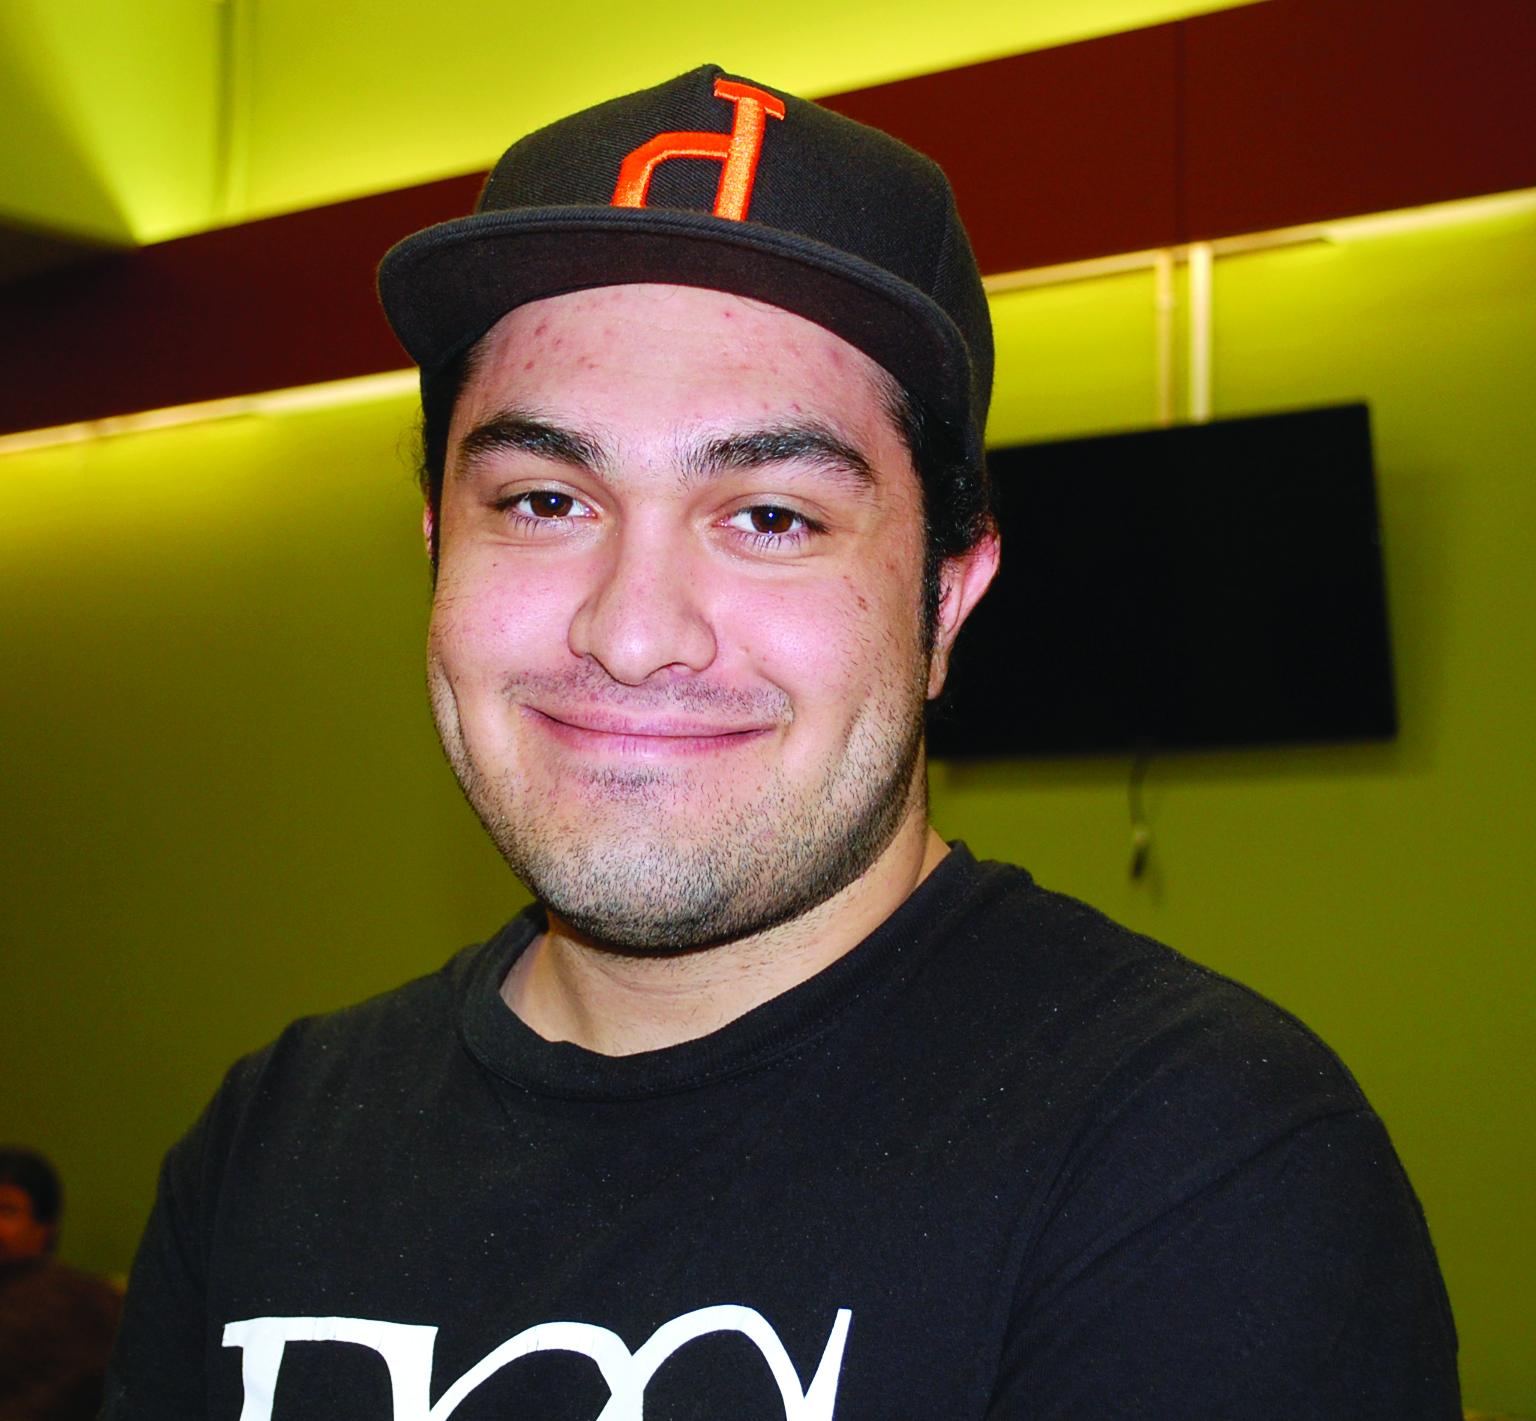 Danial Nasr